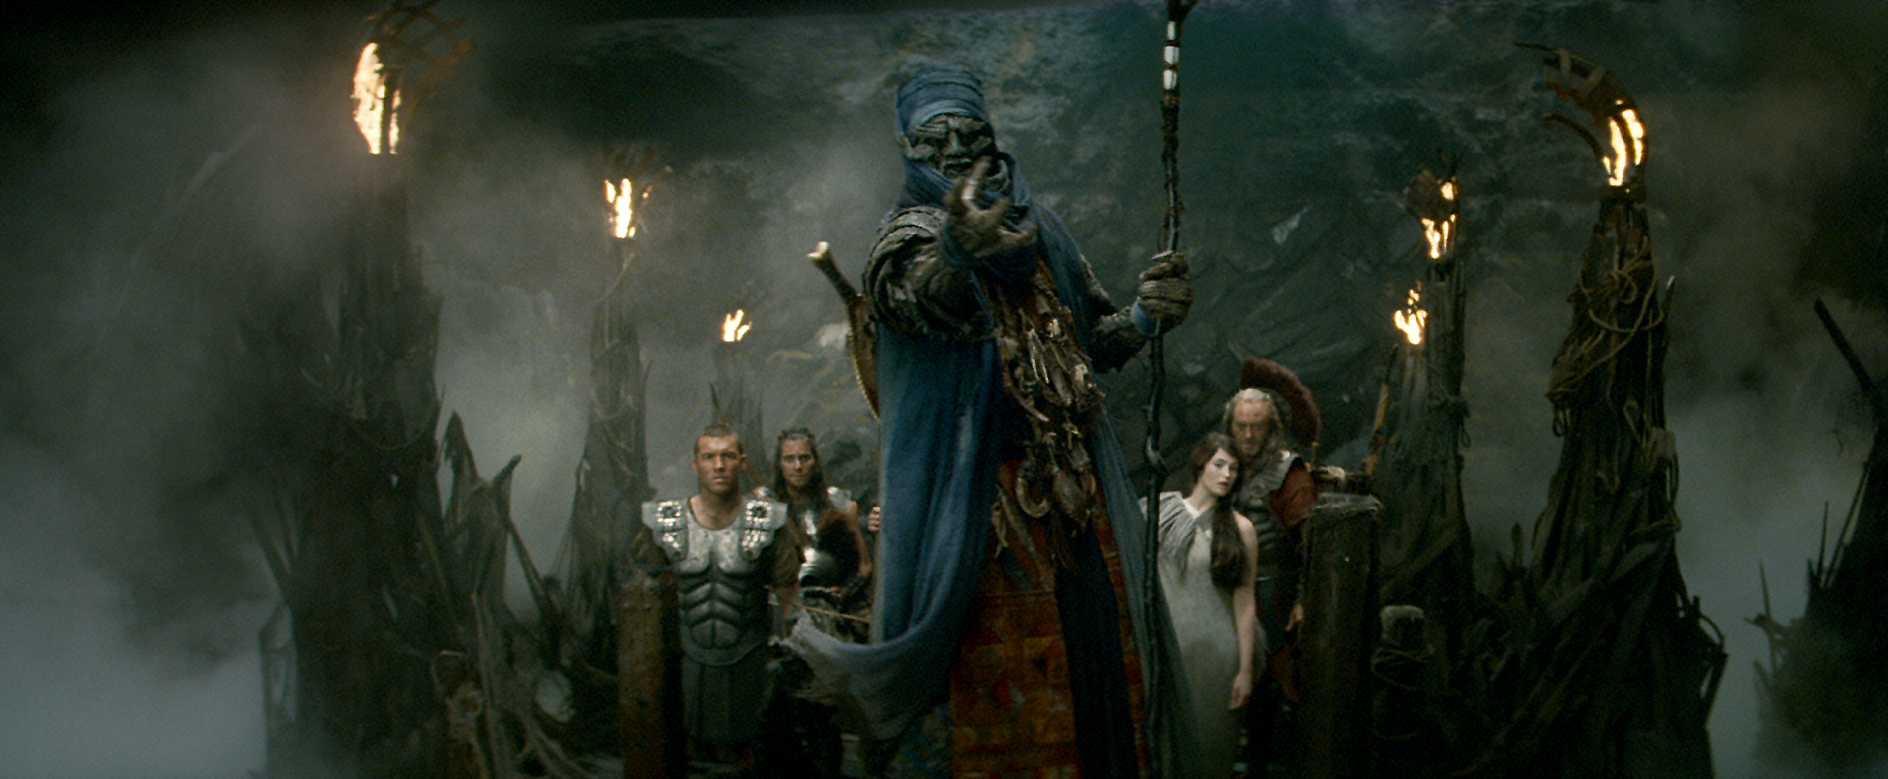 Filme Hades pertaining to l'antre du voyageur onirique -> le choc des titans, de louis